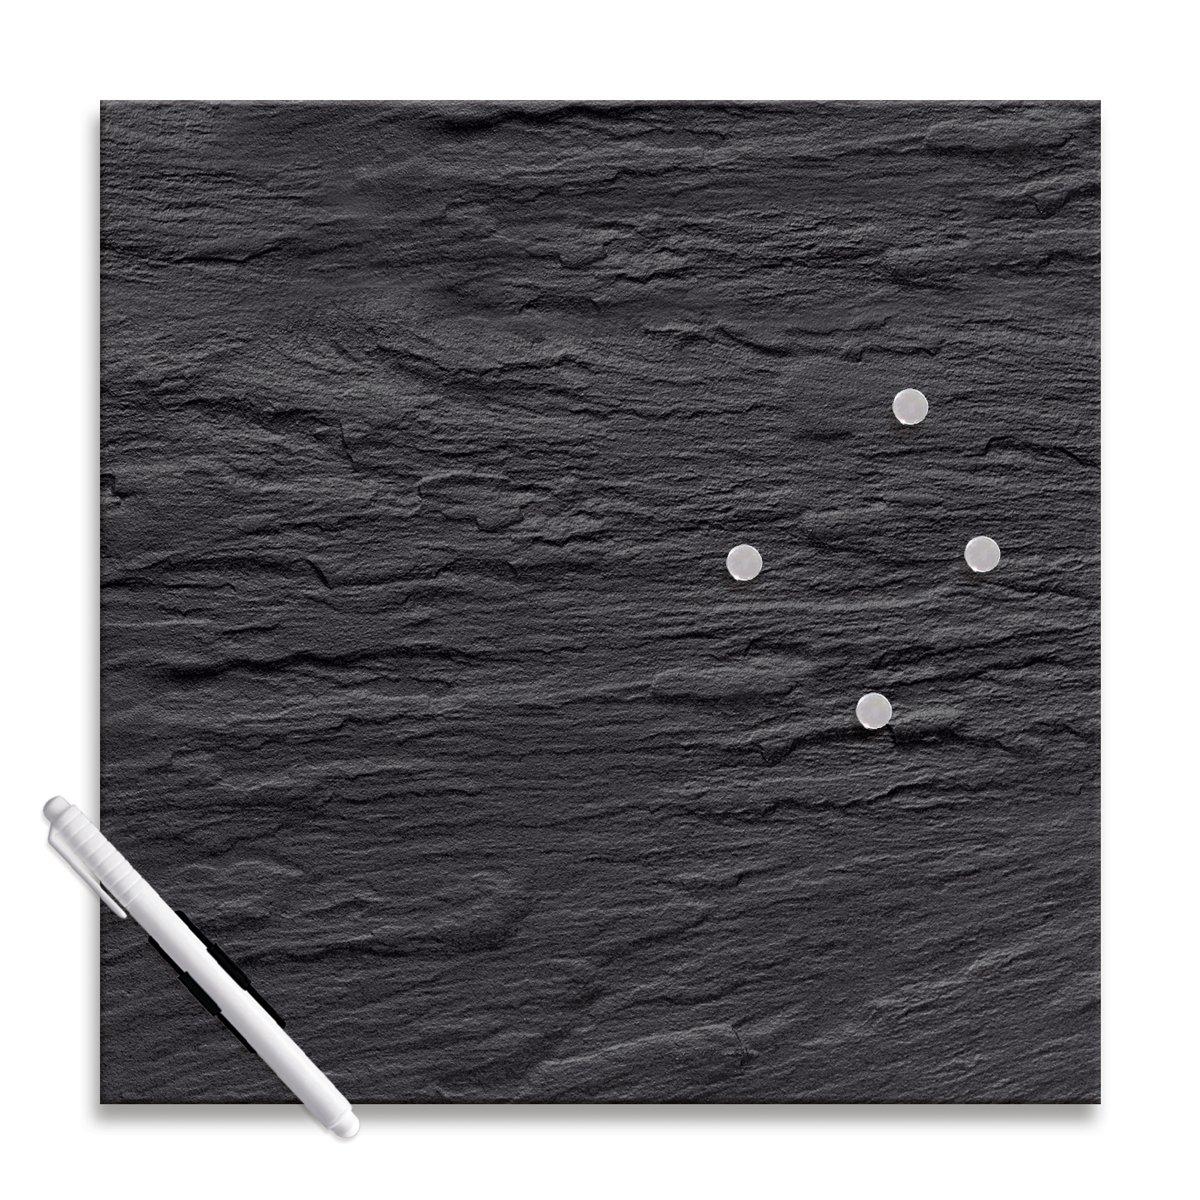 Eurographics MBDT6393 - Bacheca magnetica di vetro, dimensioni: 30 x 30 cm, colore: Nero ardesia MB-DT6393